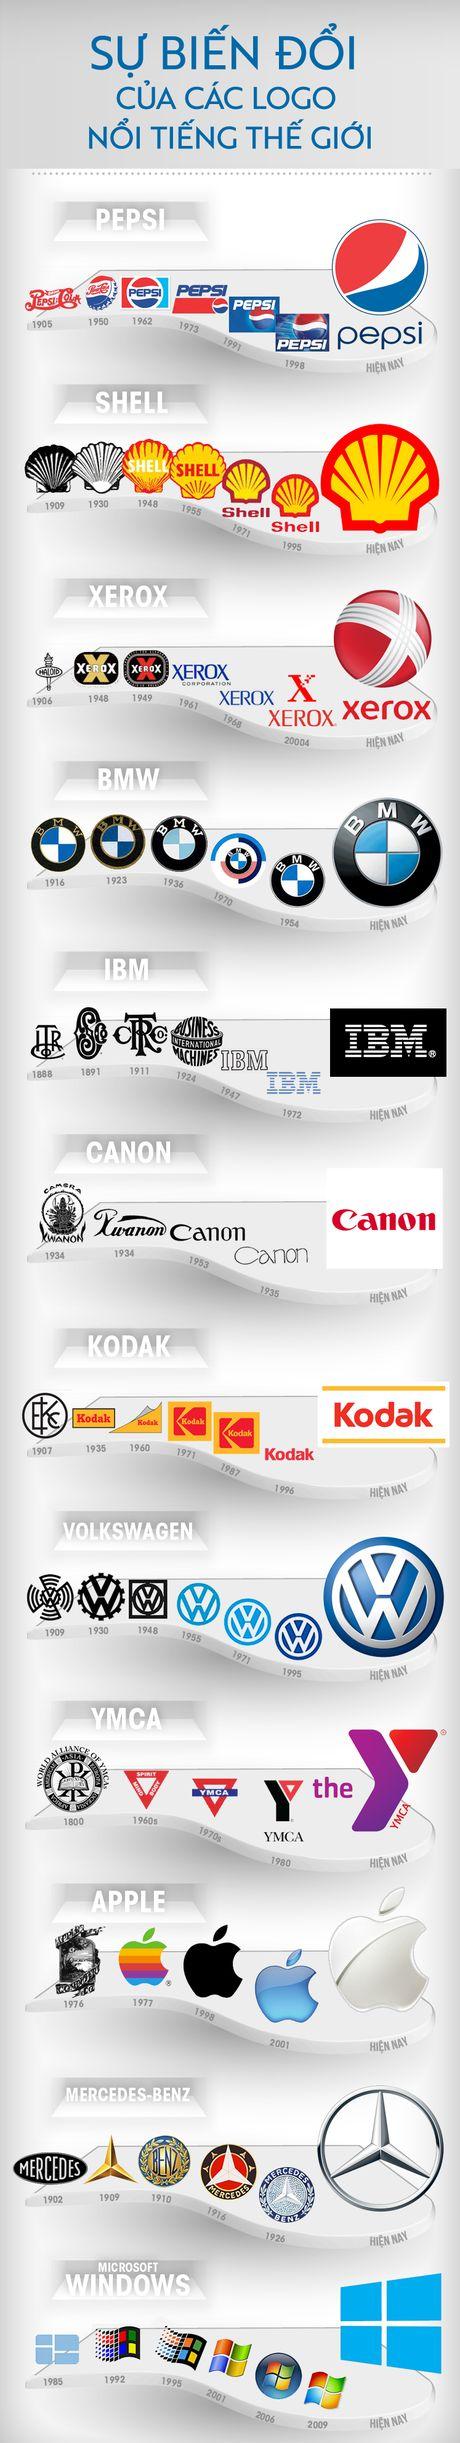 Logo cua nhung thuong hieu noi tieng the gioi thay doi the nao qua thoi gian? - Anh 1